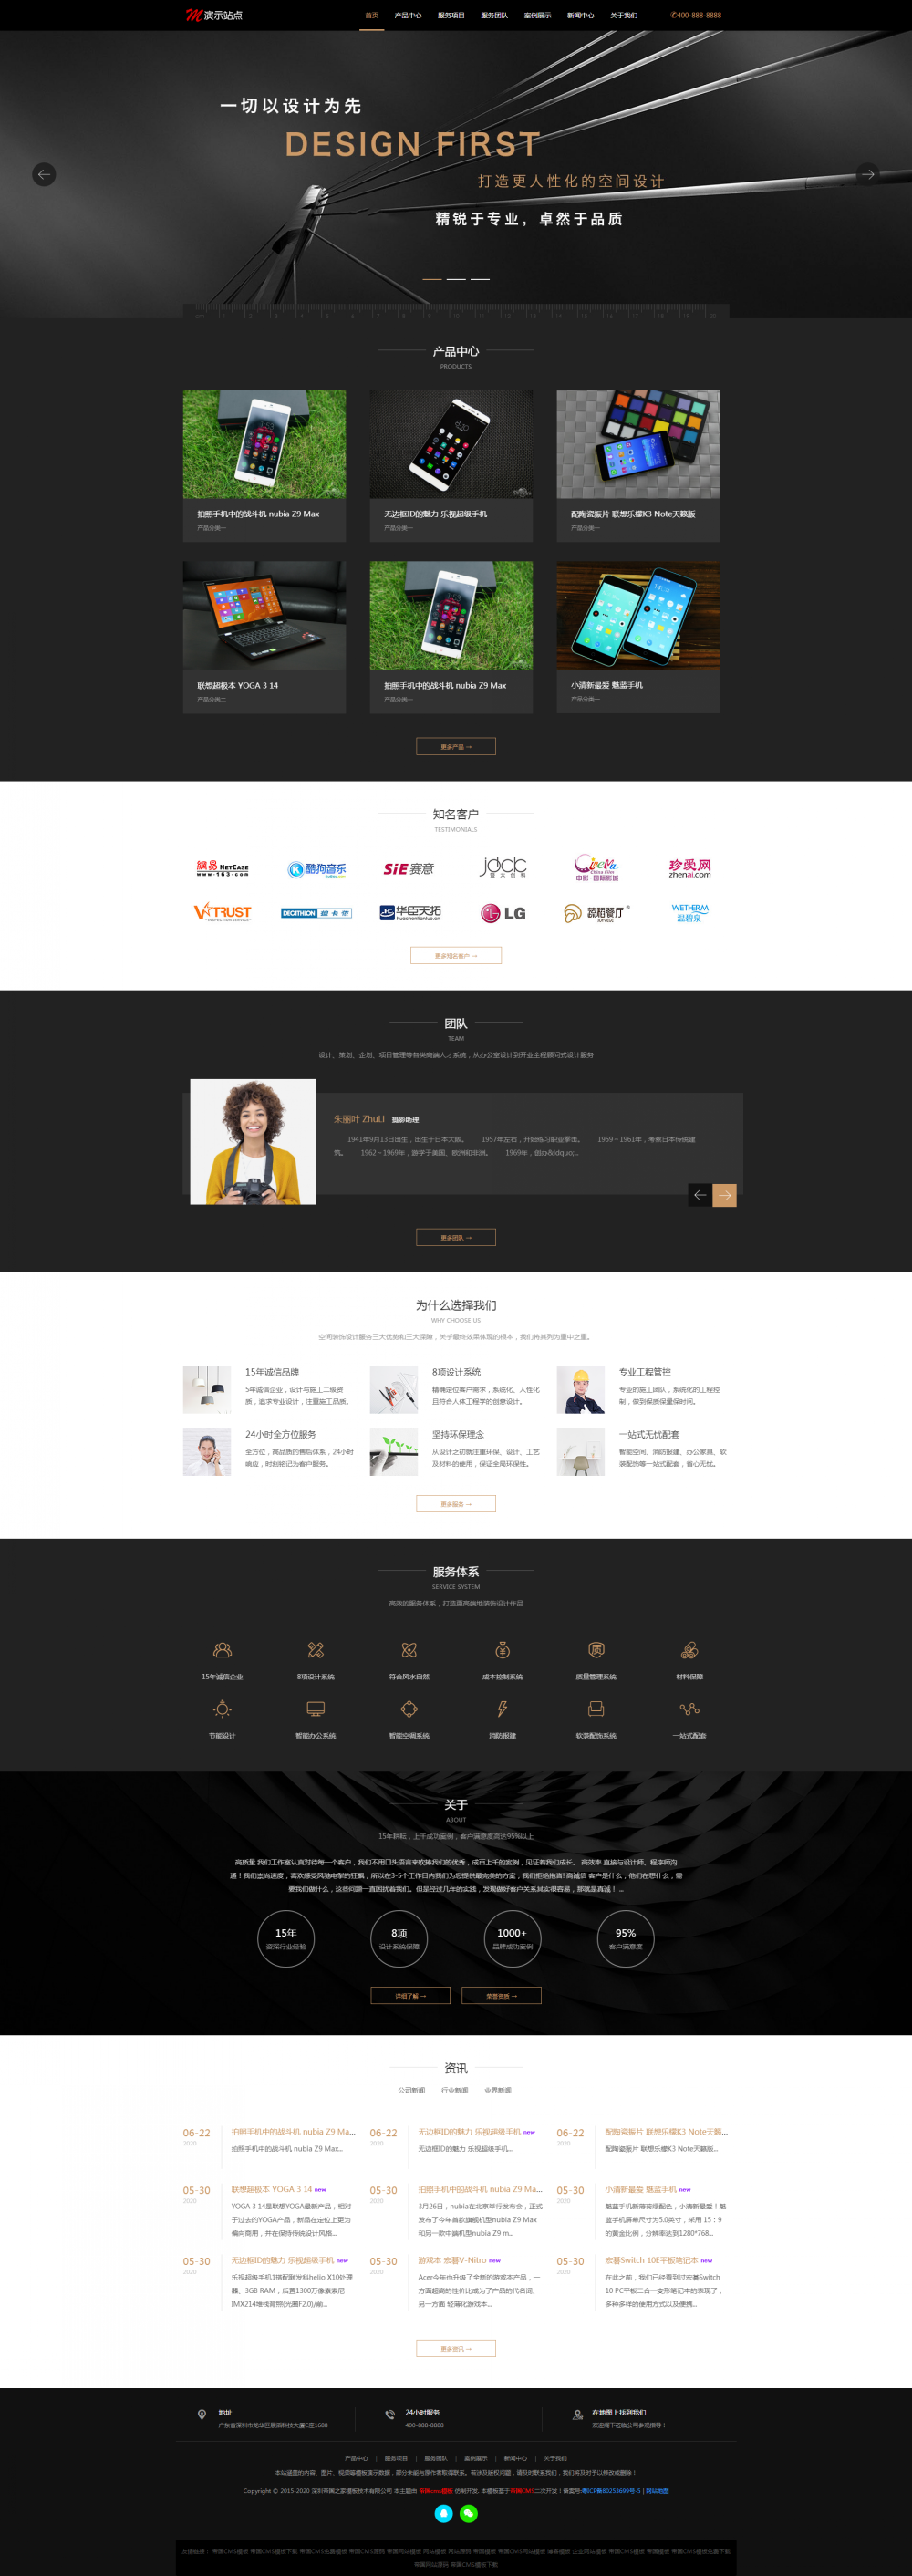 1网站首页.png [DG-0151]响应式公司产品展示帝国cms模板 企业产品展示销售帝国网站模板 企业模板 第1张